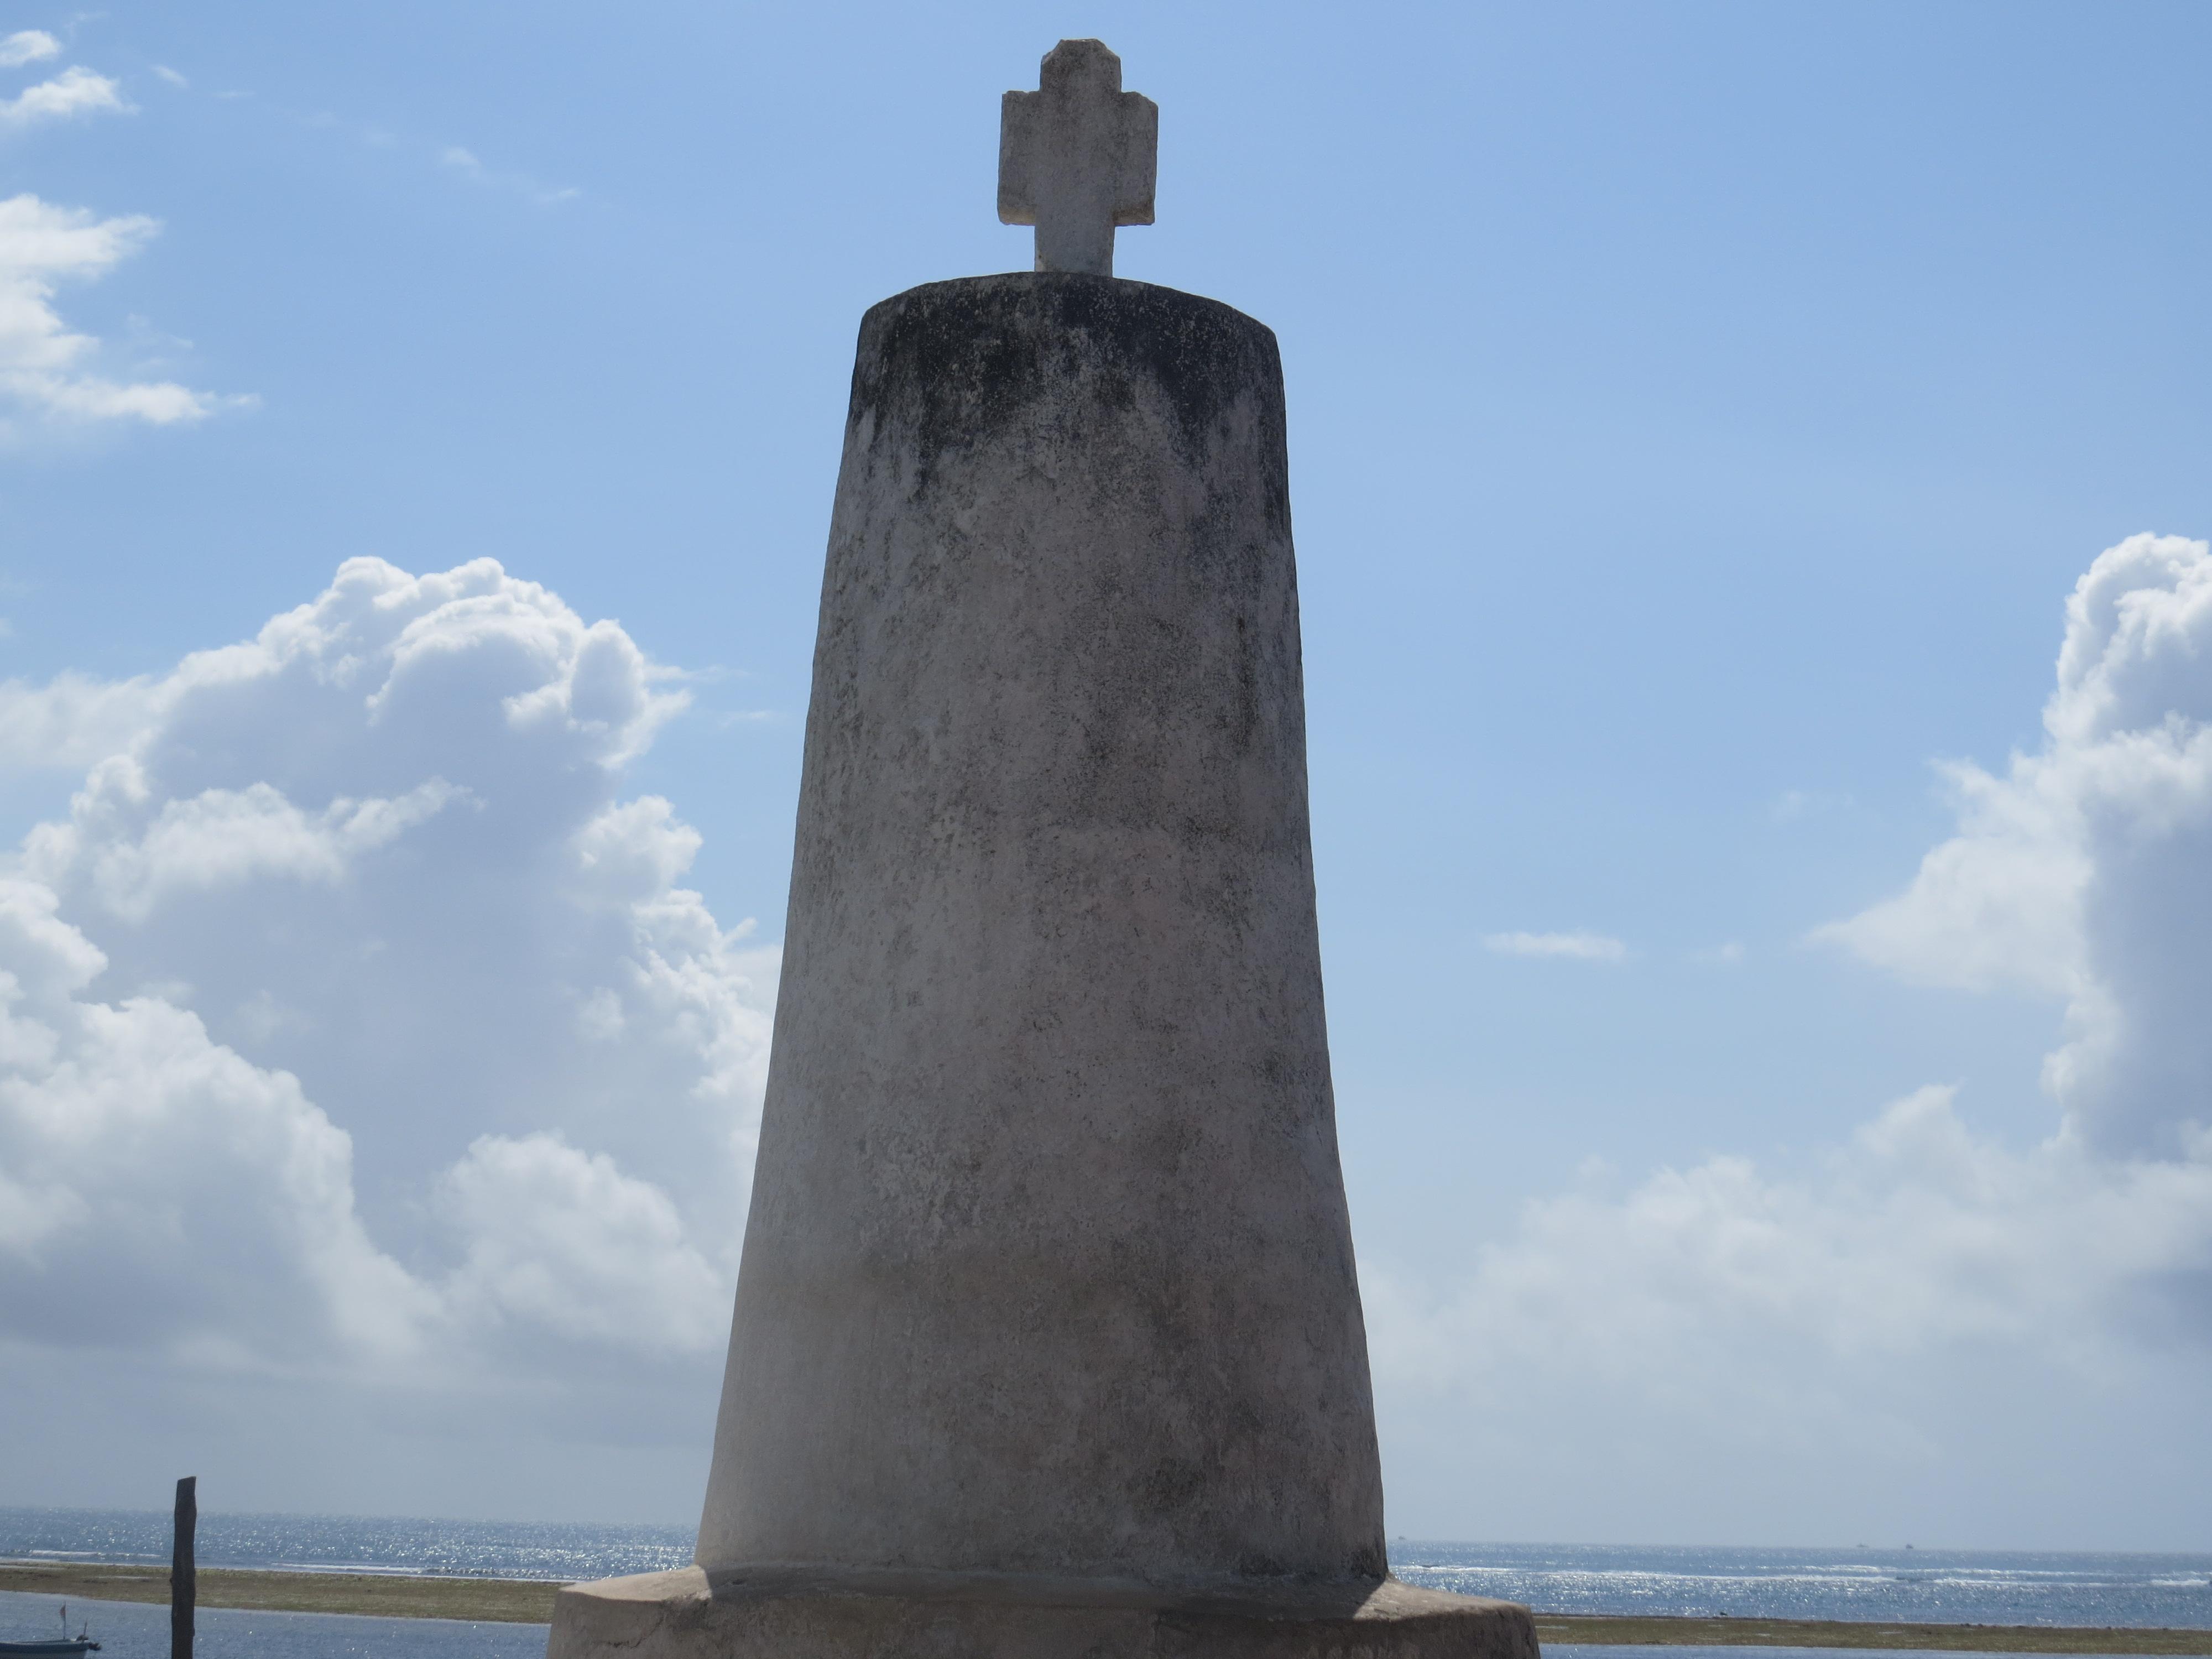 Vasco da Gama pillar in Malindi. Copyright Rupi Mangat